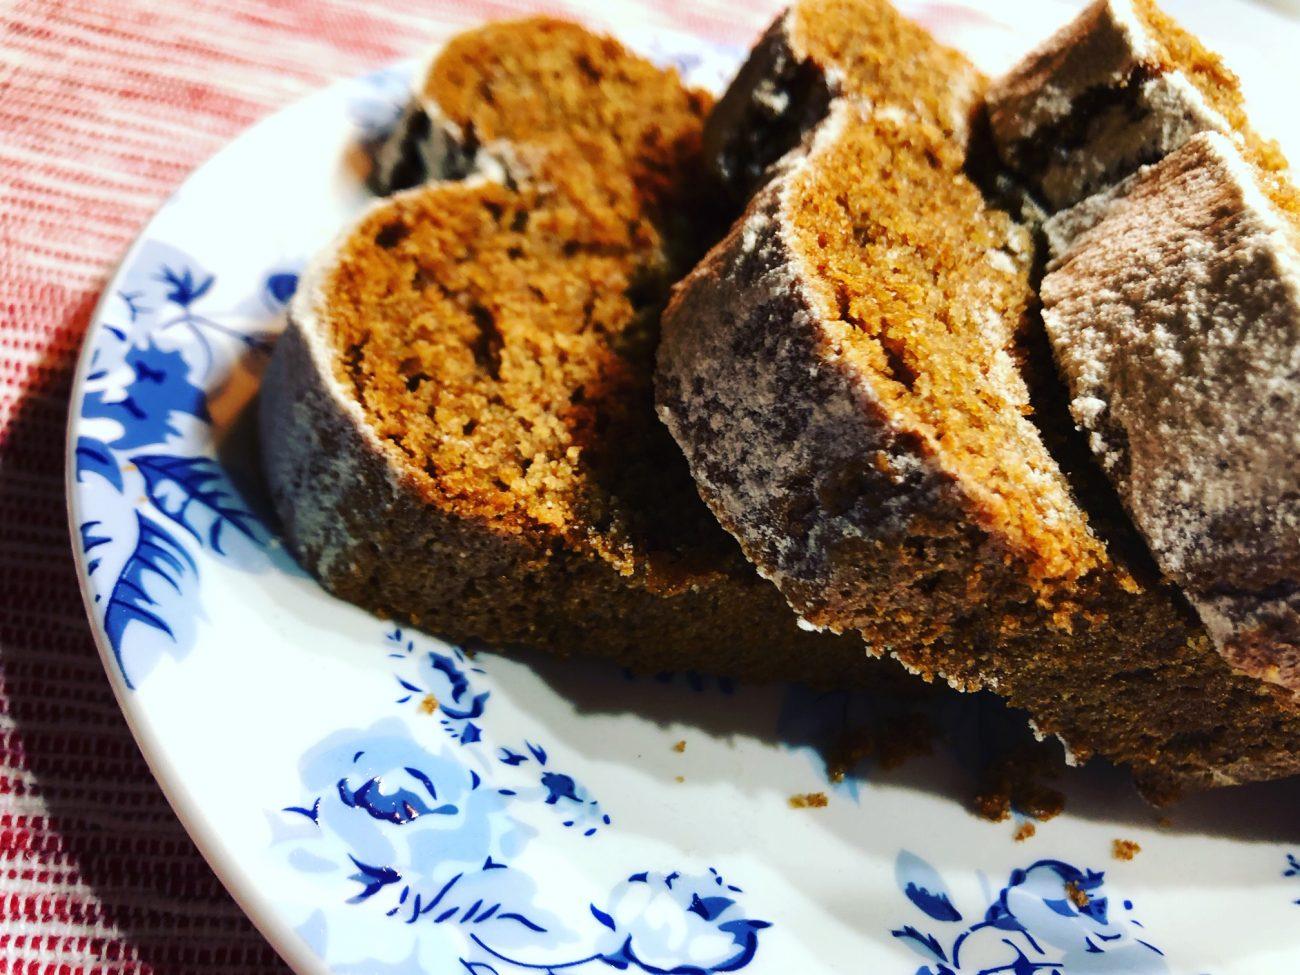 Κέικ βανίλιας, το κλασικό αλλά υγιεινό 😉 (ή muffins)